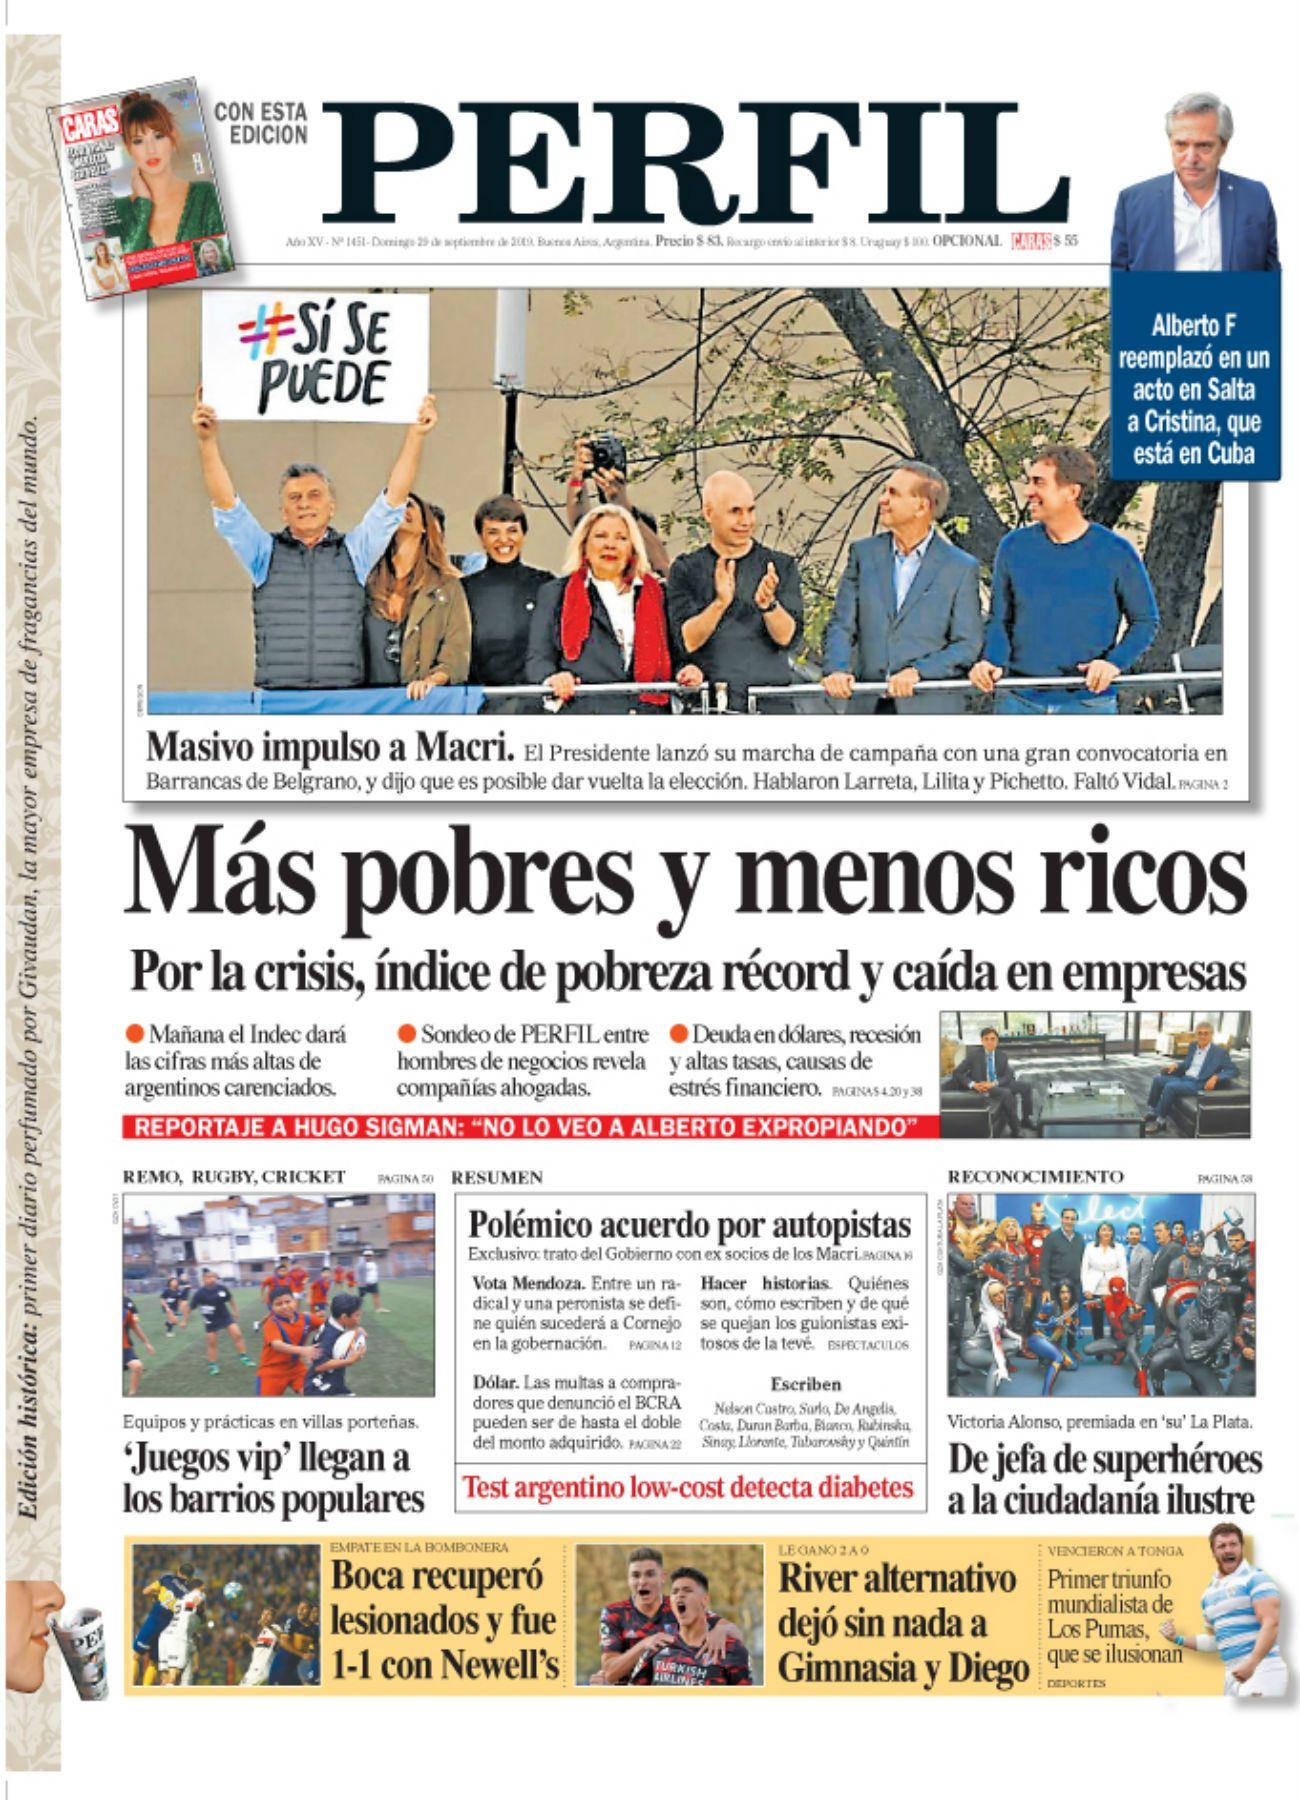 La tapa de diario PERFIL de este domingo 29 de septiembre de 2019